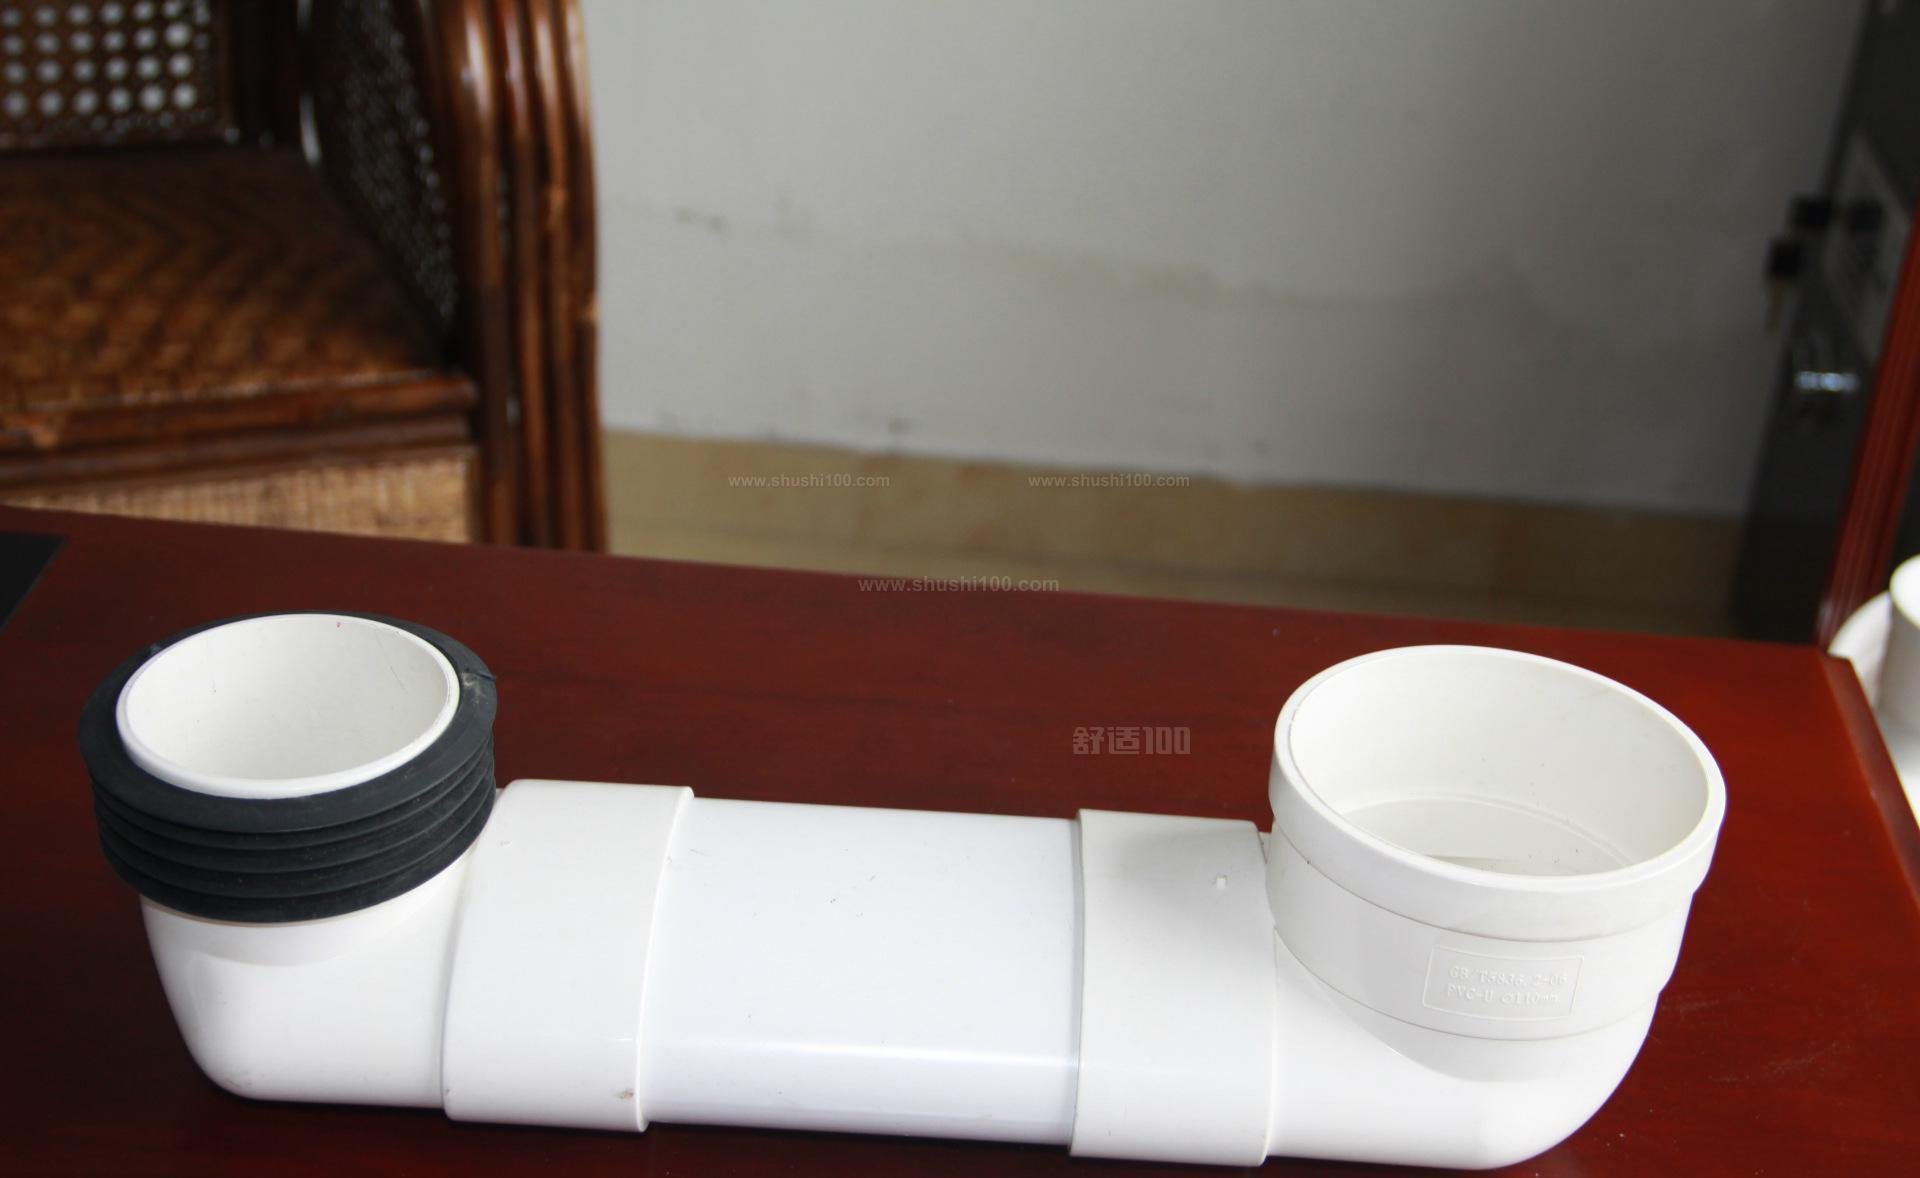 一楼马桶移位_马桶移位器是一种管件,在洗手间墙体与排污口位置固定,选择的坐便器